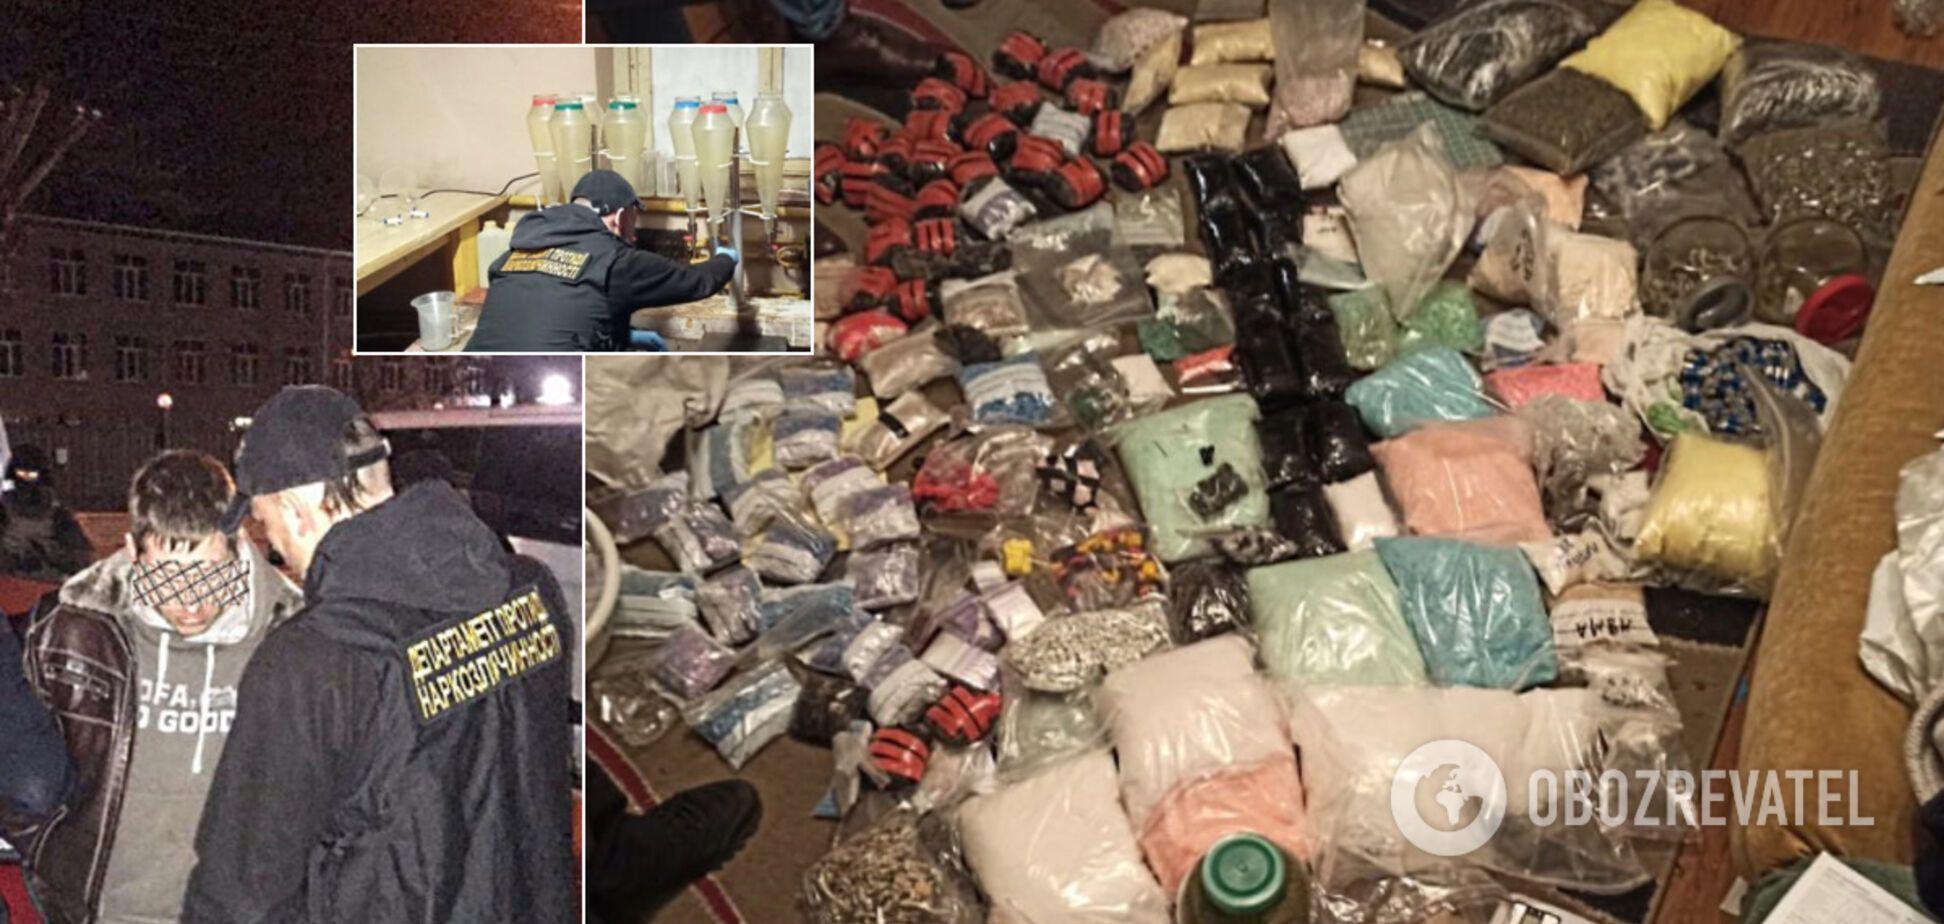 В Киеве разоблачили крупнейшую в Украине сеть интернет-торговли наркотиками: подробности